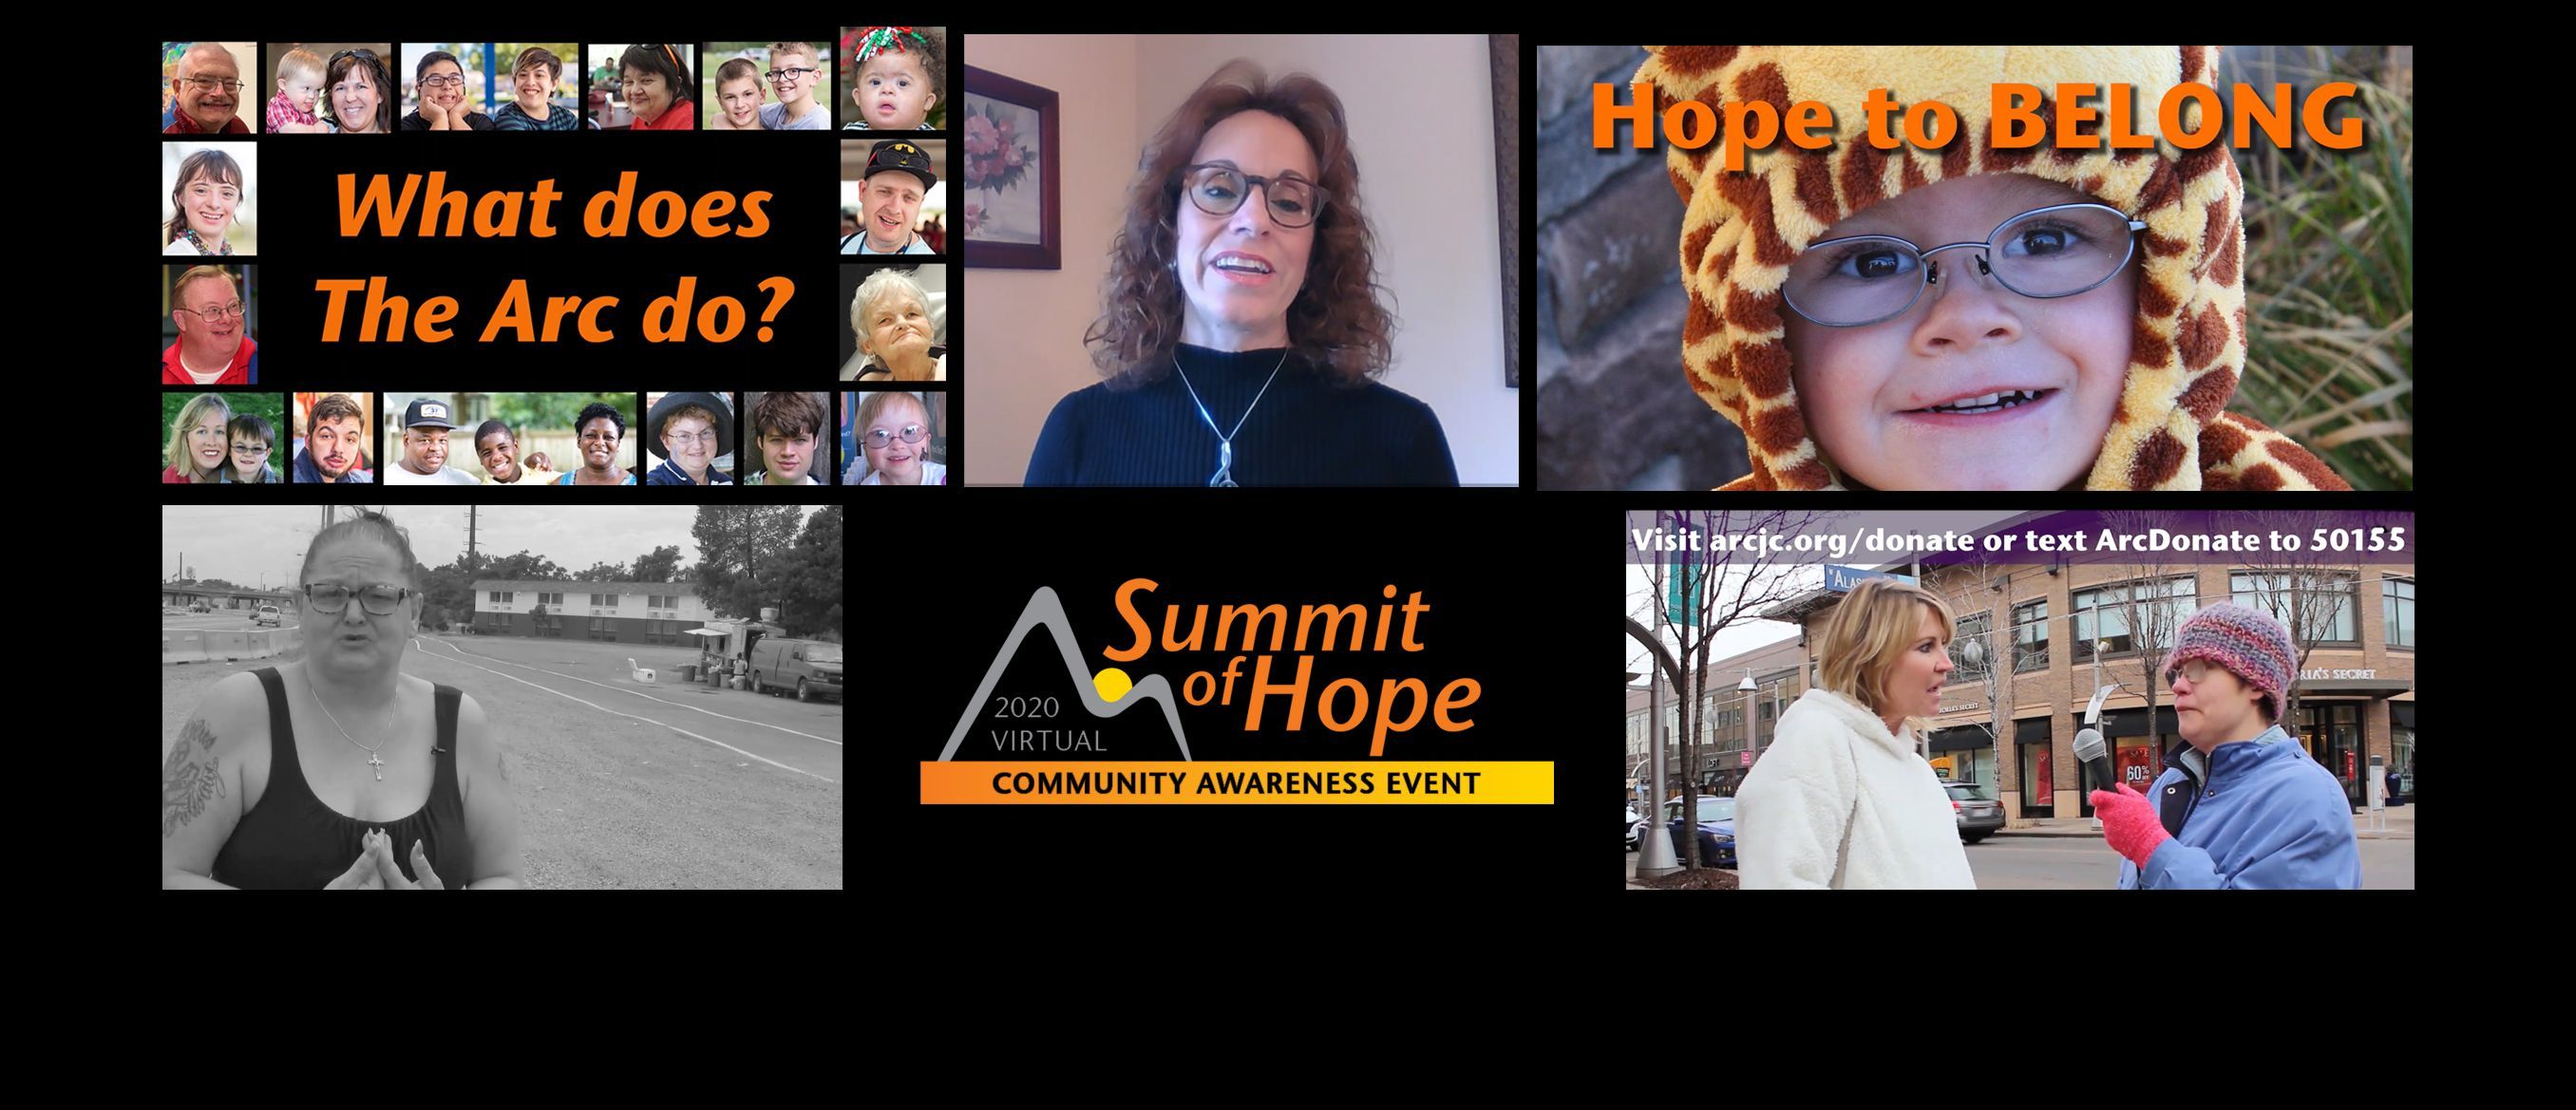 Summit of Hope 2020